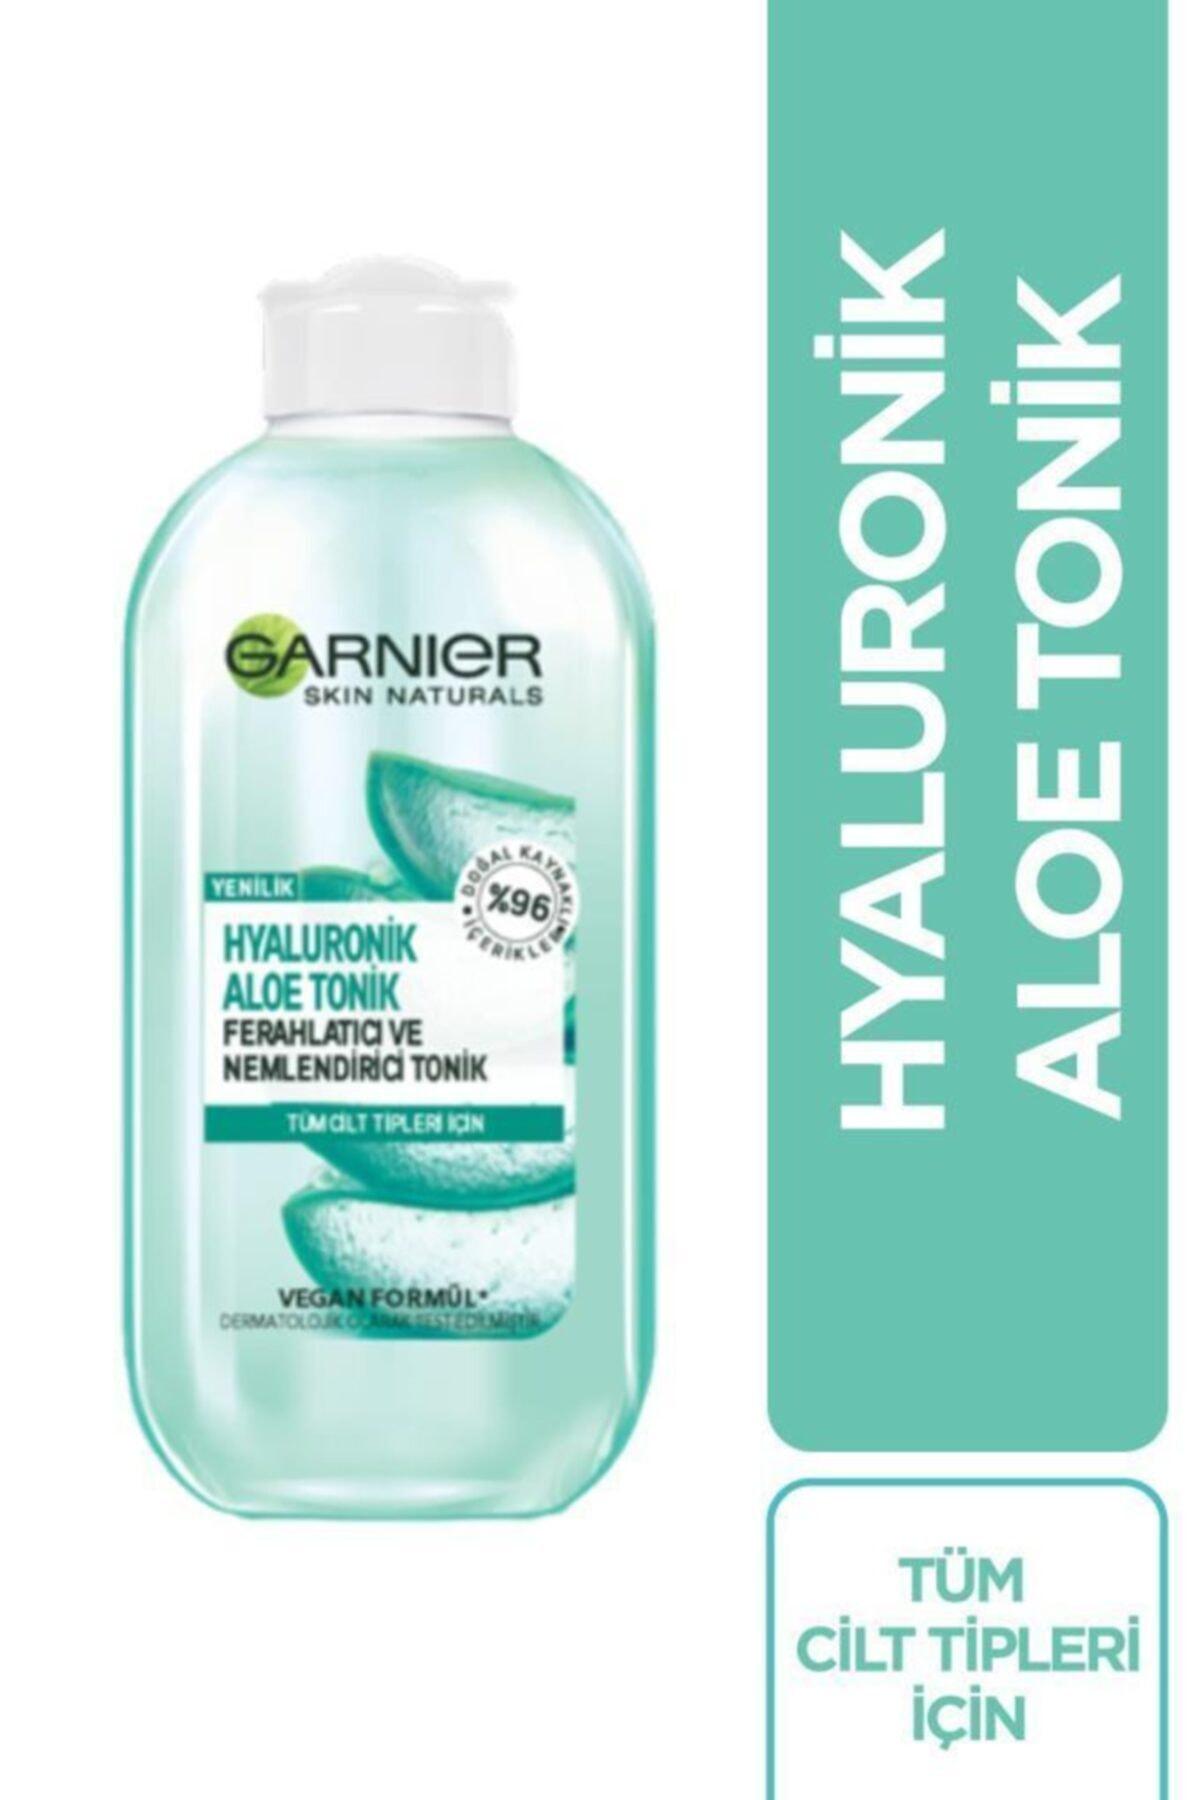 Garnier Hyaluronik Aloe Tonik Ferahlatıcı Ve Nemlendirici Tonik 3600542367813 1